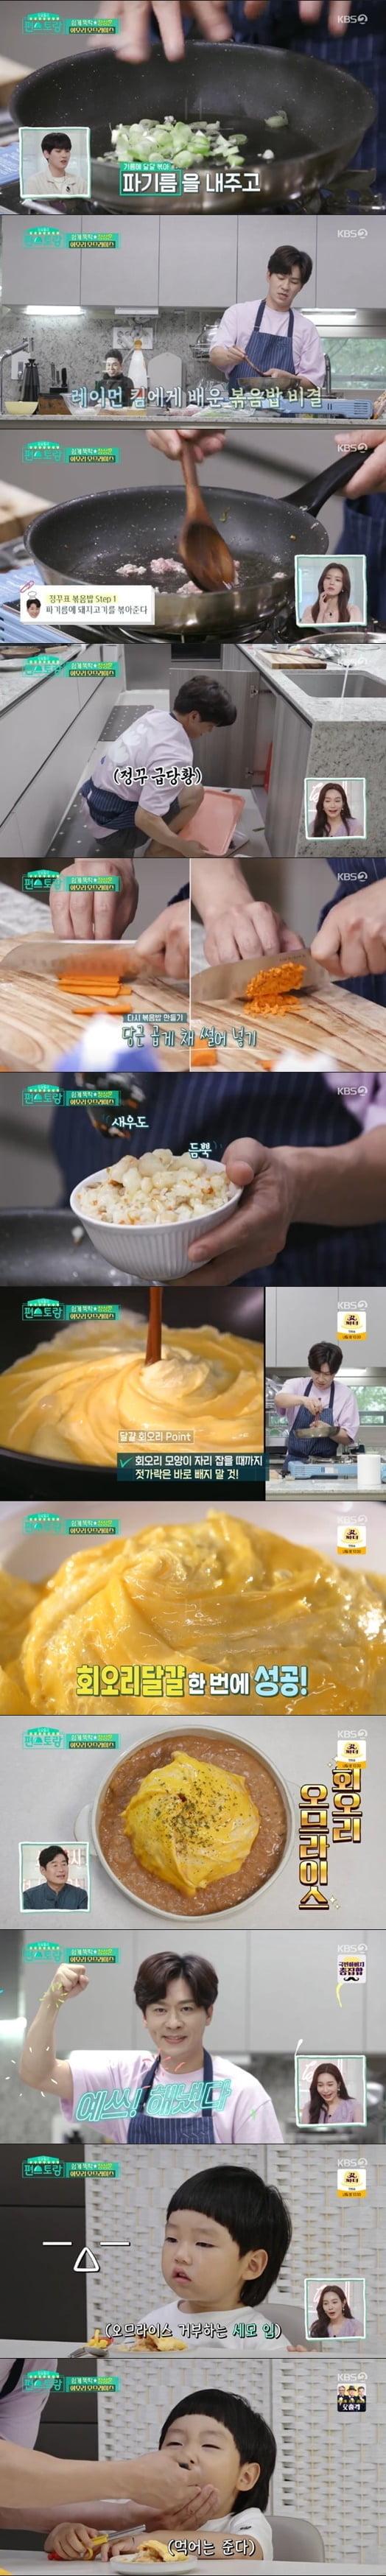 '신상출시 편스토랑'(사진=방송 화면 캡처)